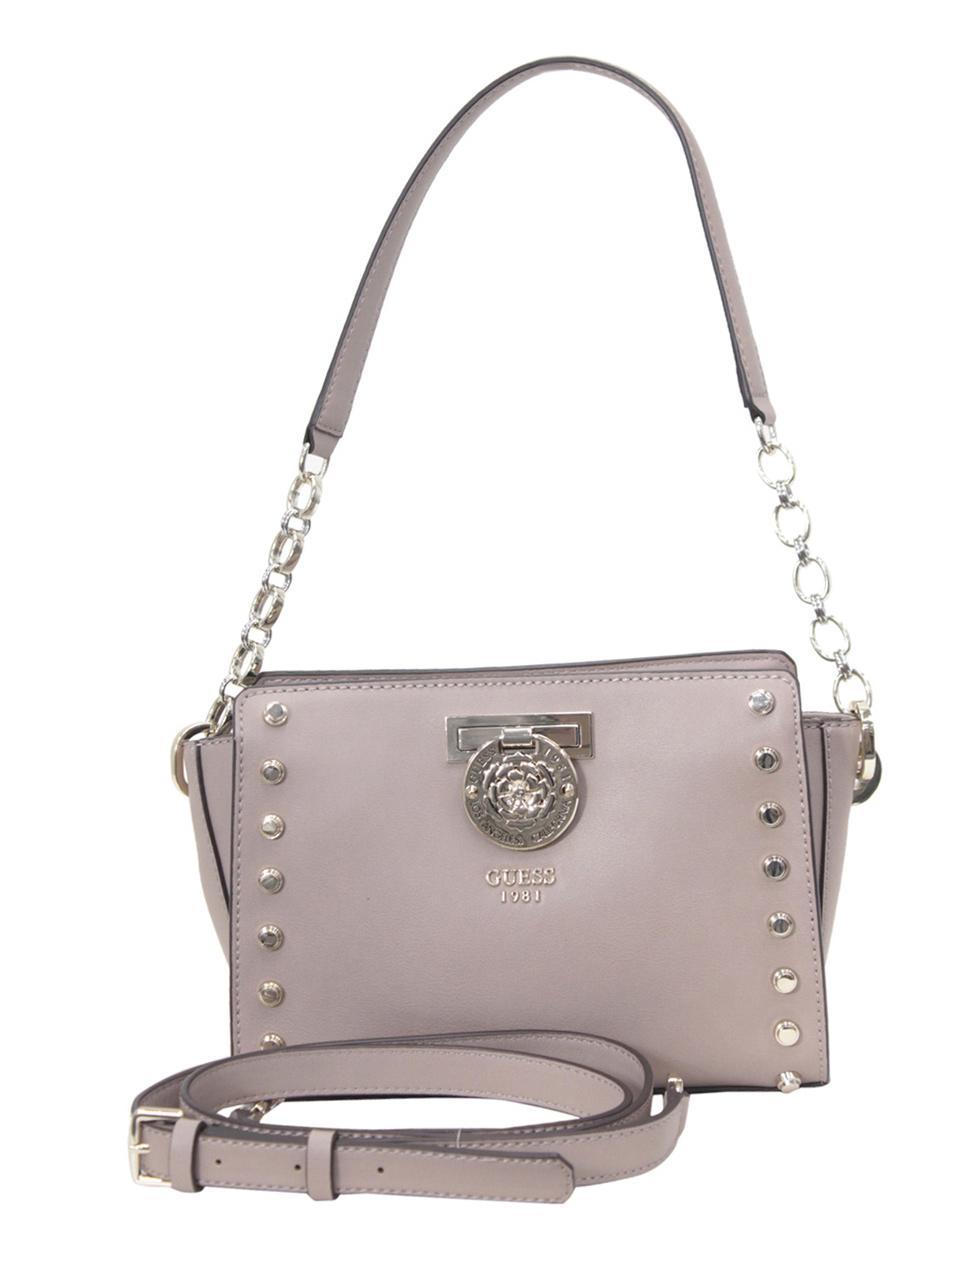 Guess Women's Marlene Studded Crossbody Handbag Kleding en